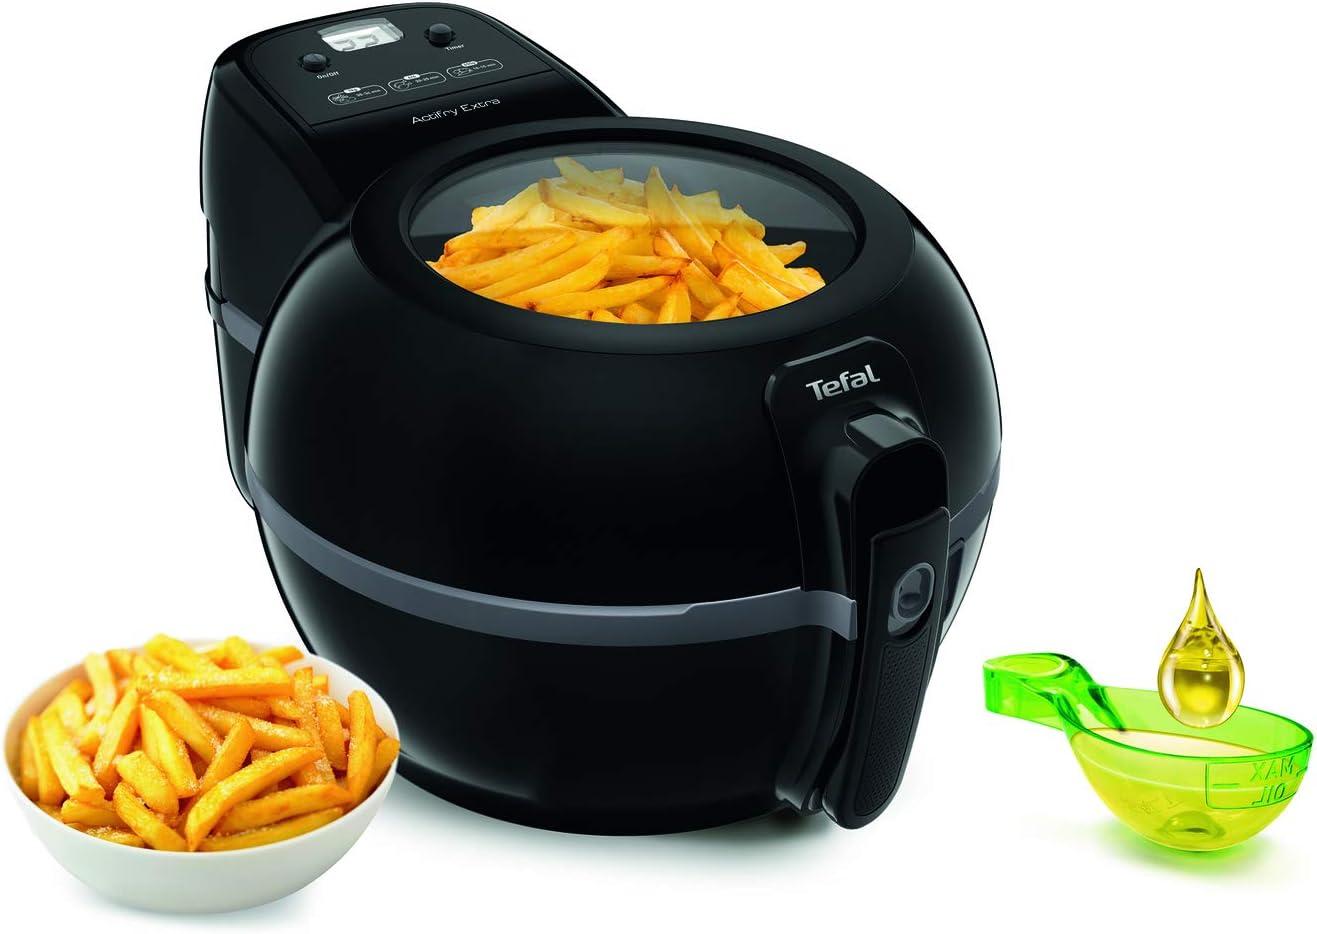 Tefal Actifry Extra Black FZ7228 Freidora de aire sana, capacidad 1.2 kg hasta 6 personas, poco aceite, no olor, 300 recetas saludables cocina